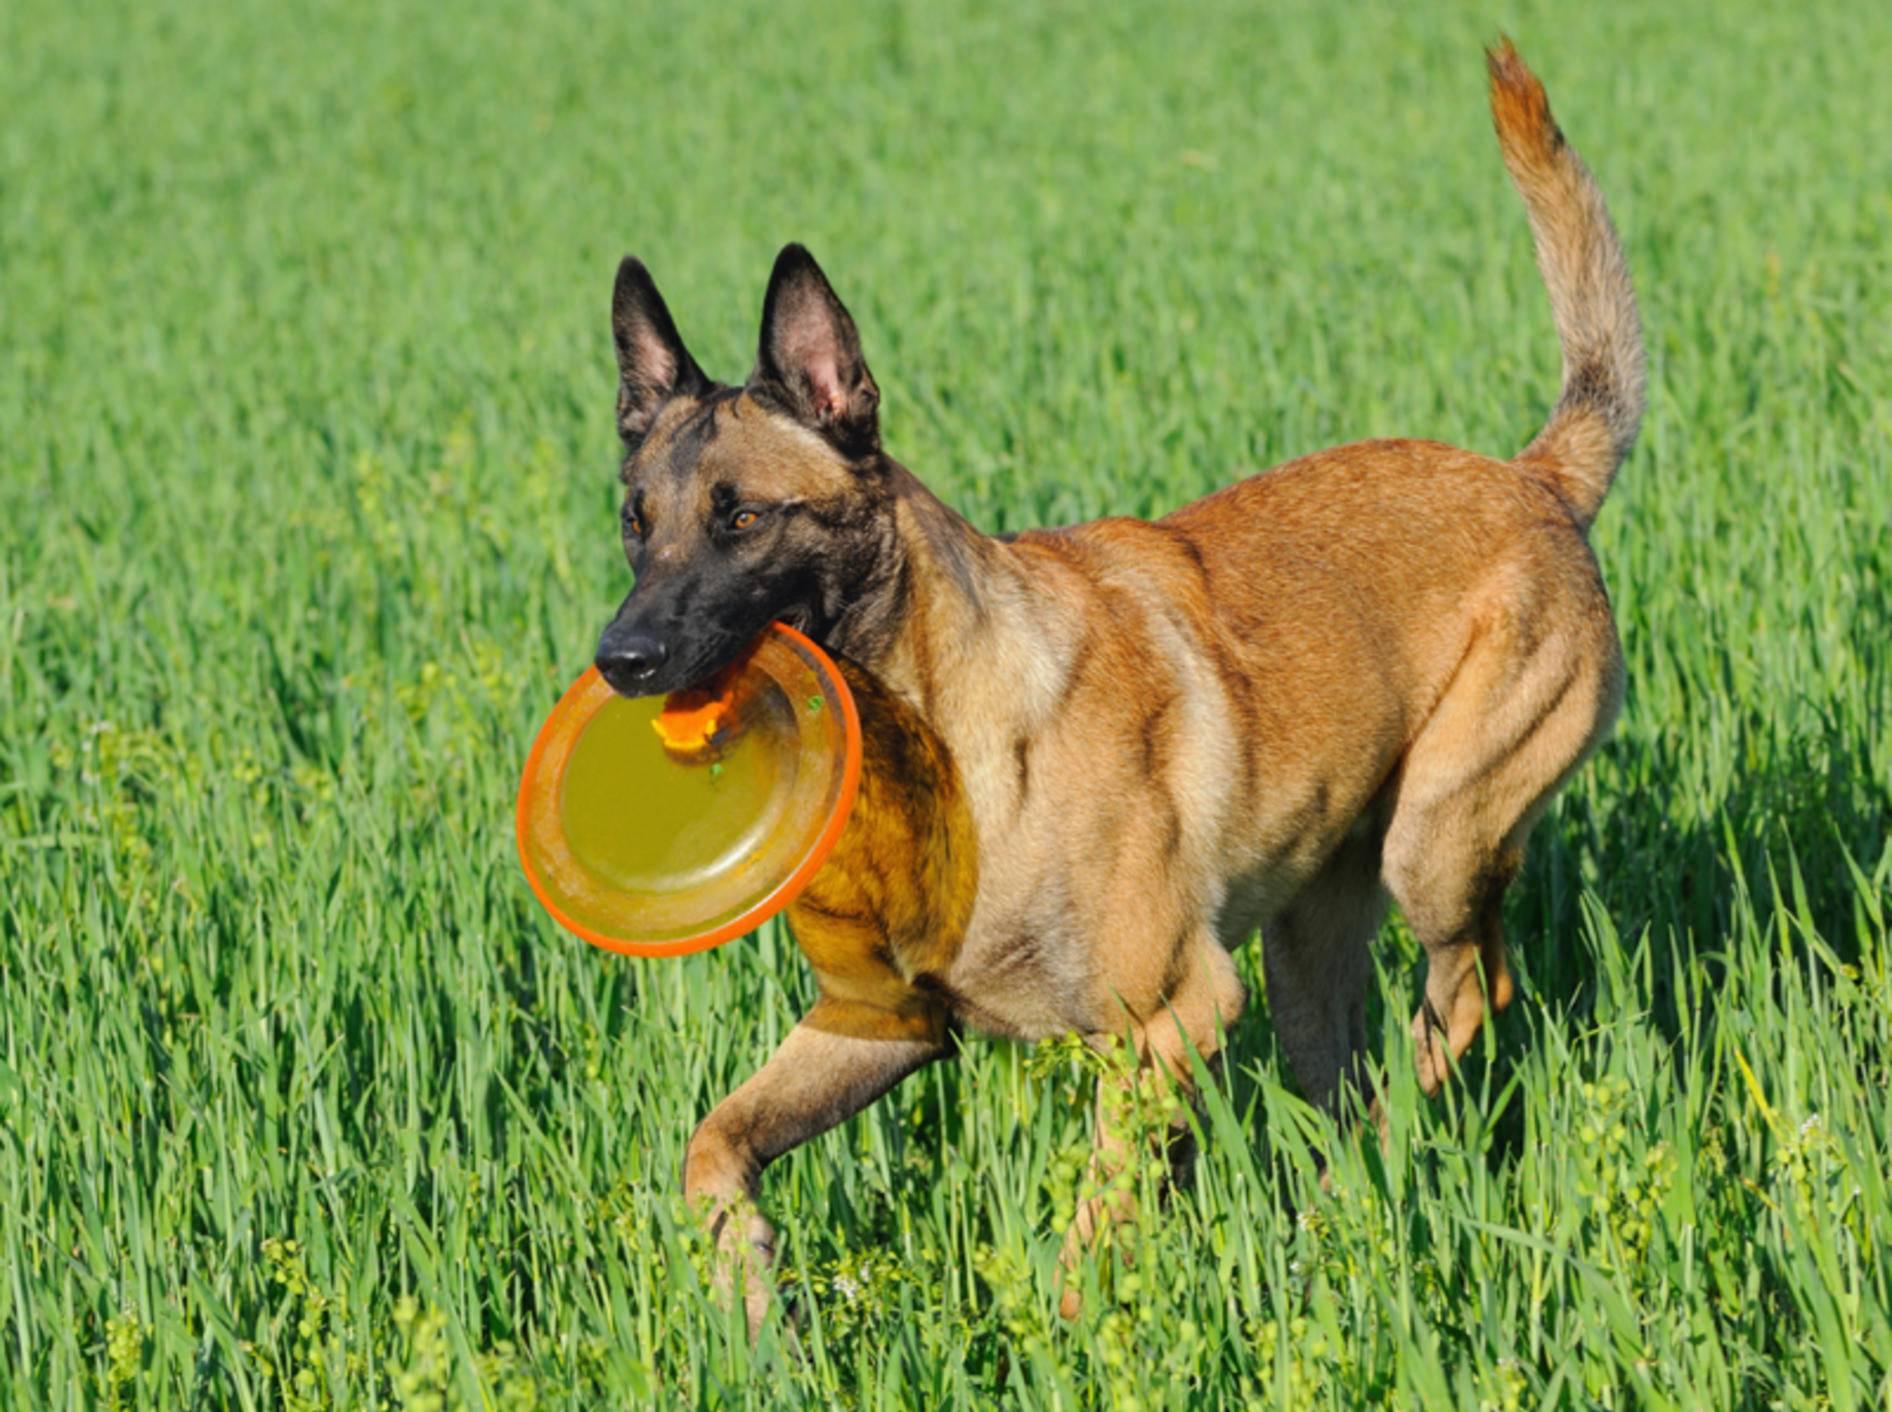 Ein intelligenter und liebevoller Arbeitshund, das beschreibt das Wesen des Belgischen Schäferhunds sehr treffend – Bild: Shutterstock / AnetaPics